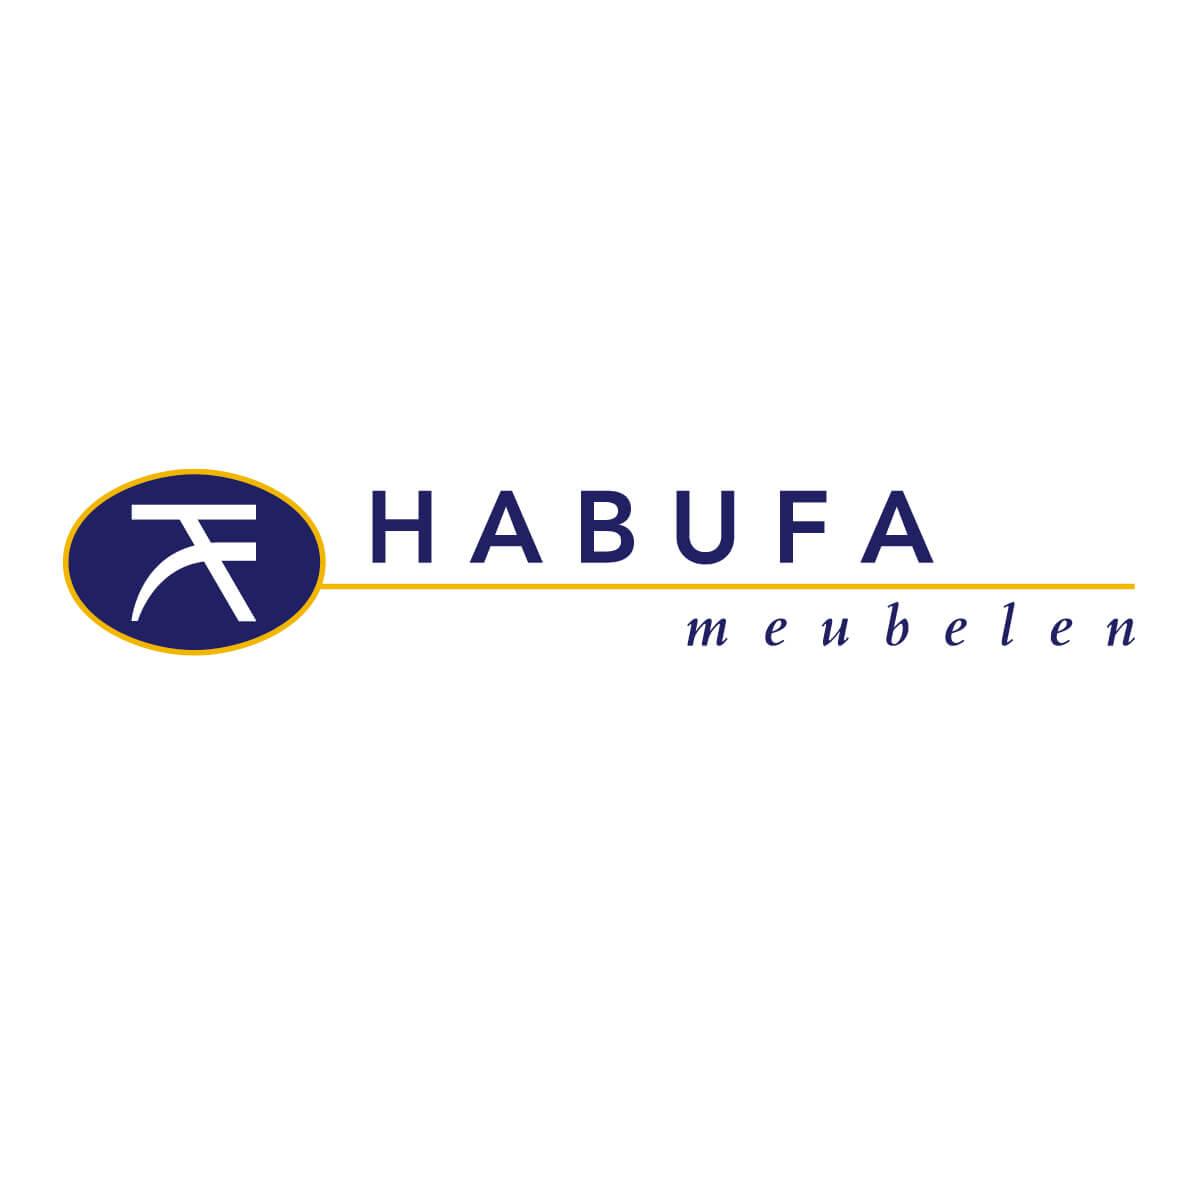 Habufa